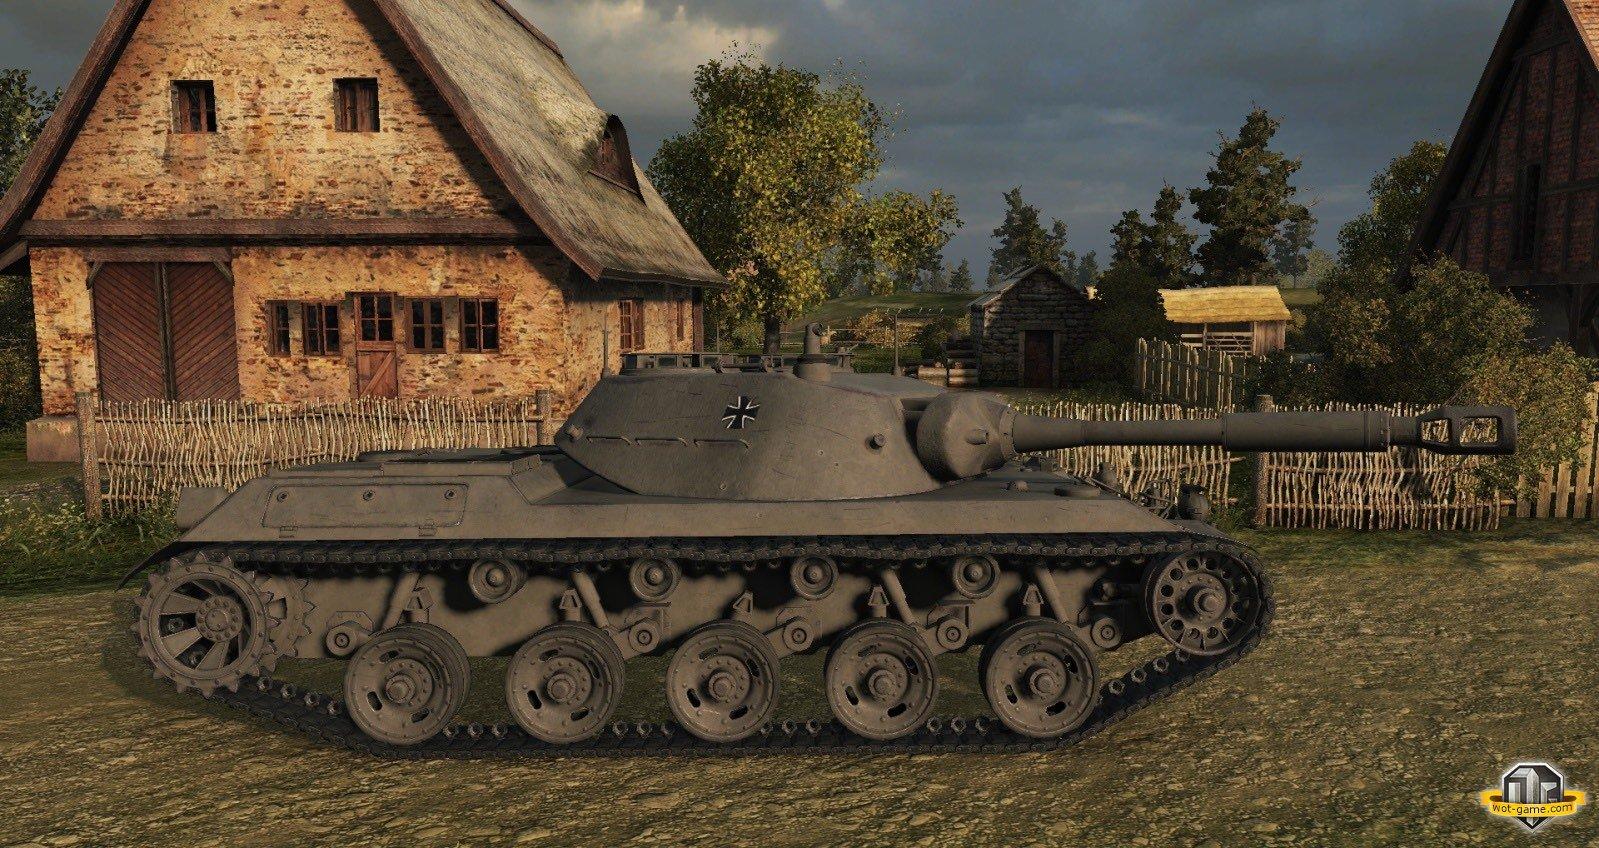 Spähpanzer RU 251: вживую (видео от Муразора): wot-game.com/550-sp228hpanzer-ru-251-vzhivuyu-video-ot-murazora.html